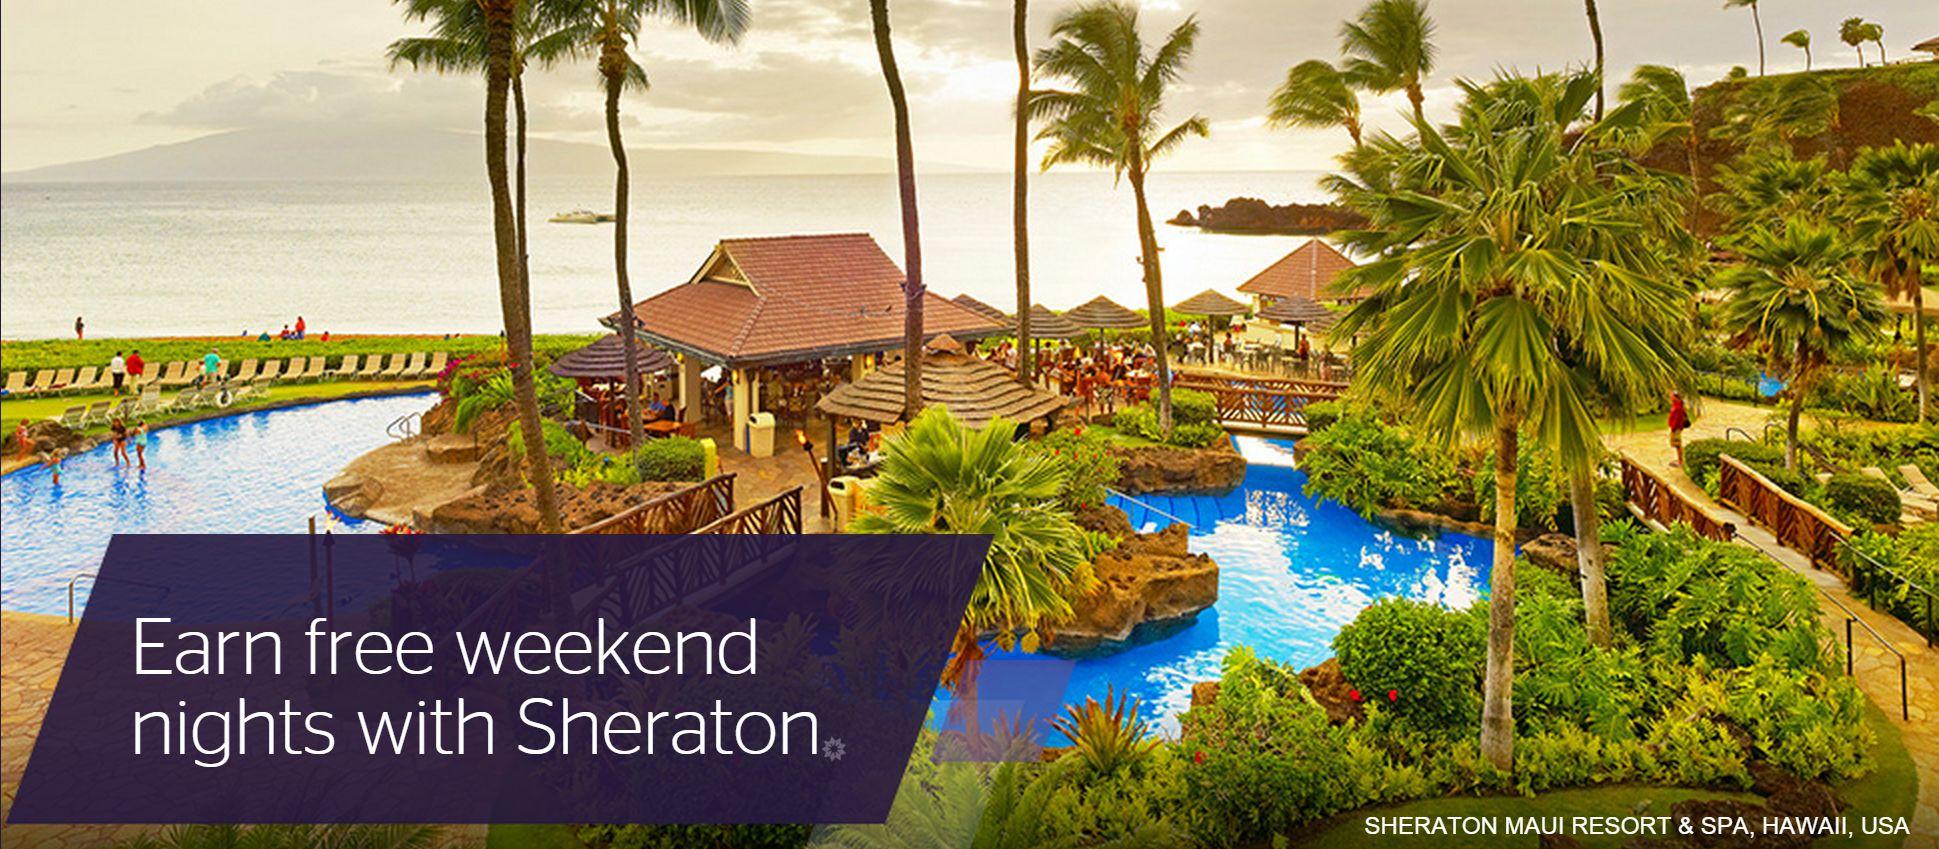 Earn free weekend nights with Sheraton